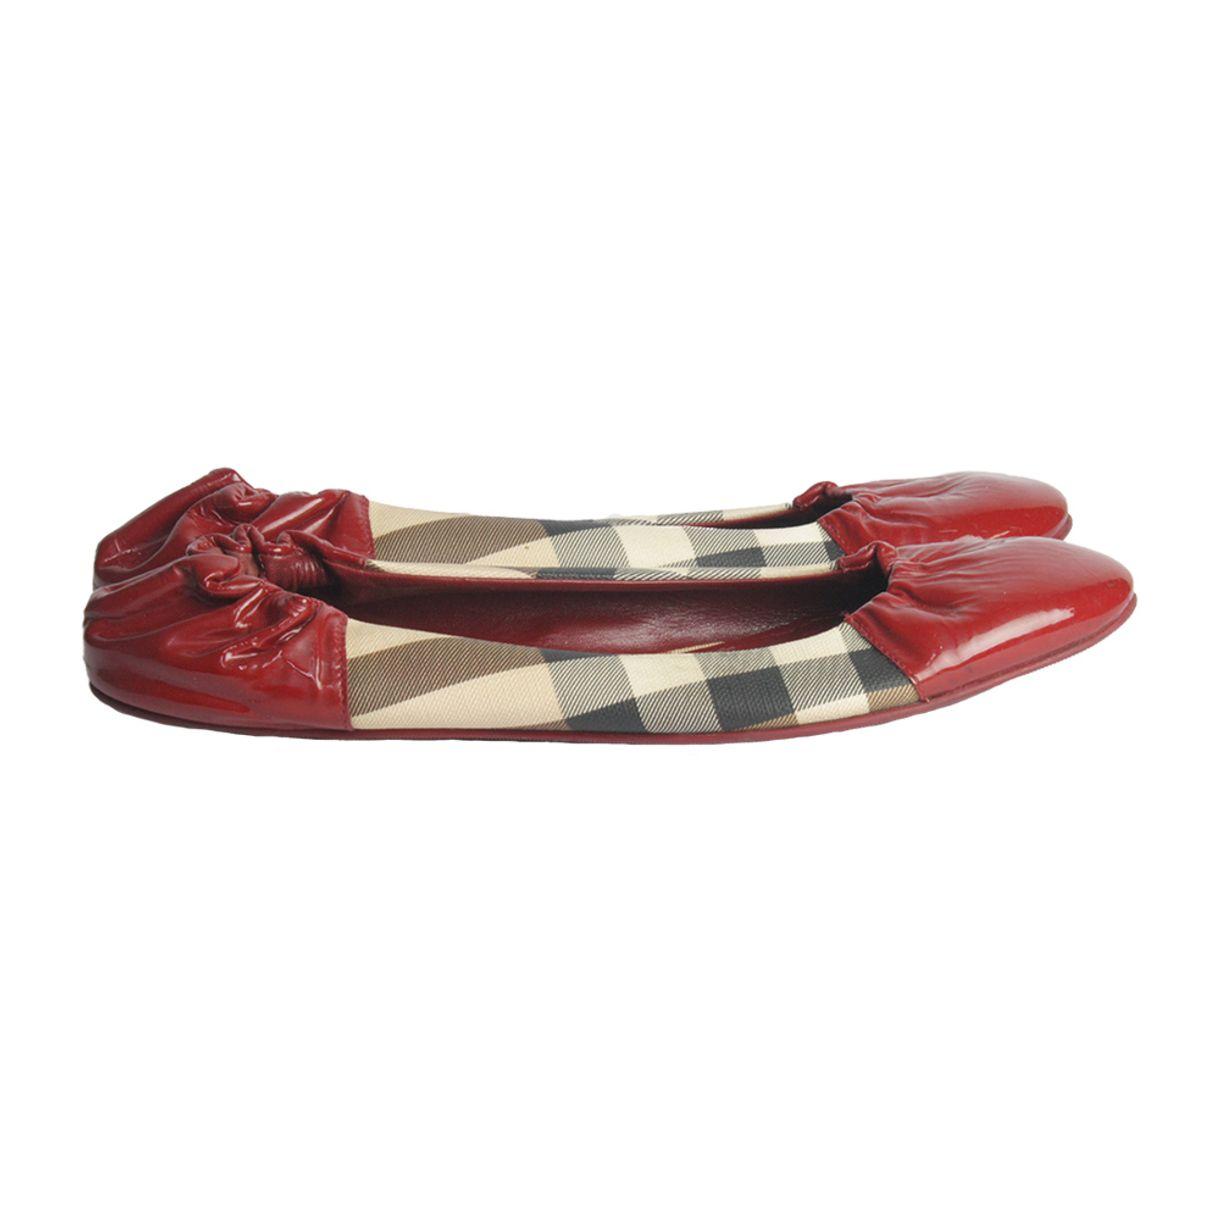 Sapatilha-Burberry-Verniz-Vermelho